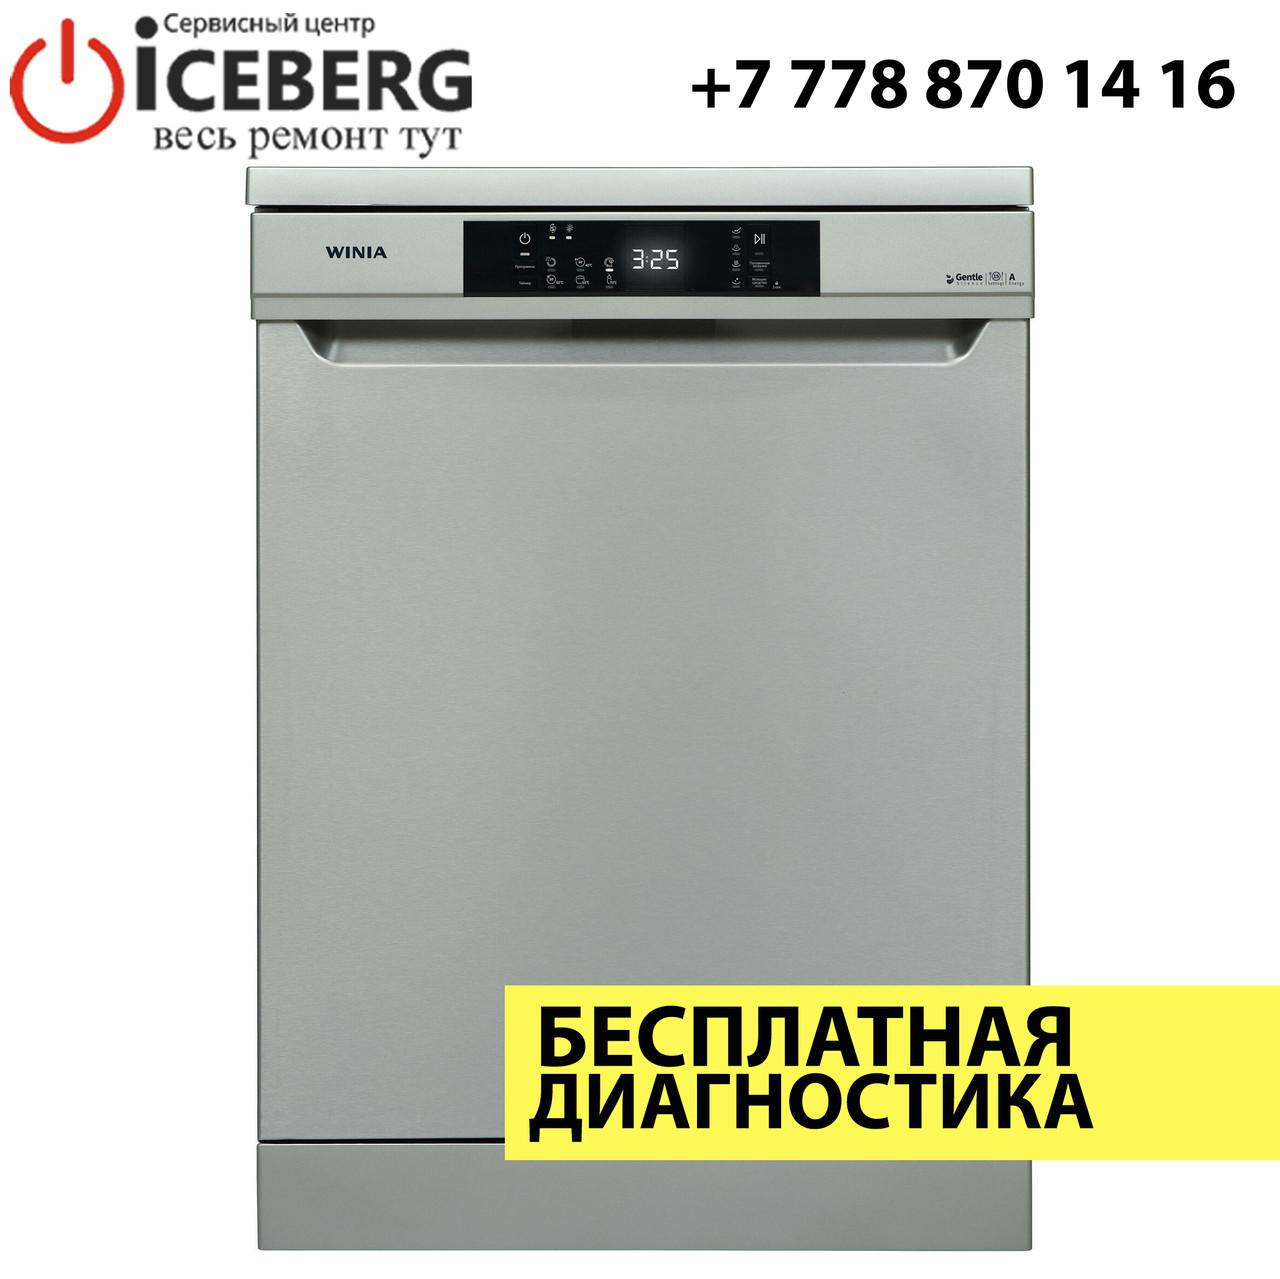 Ремонт посудомоечных машин Winia